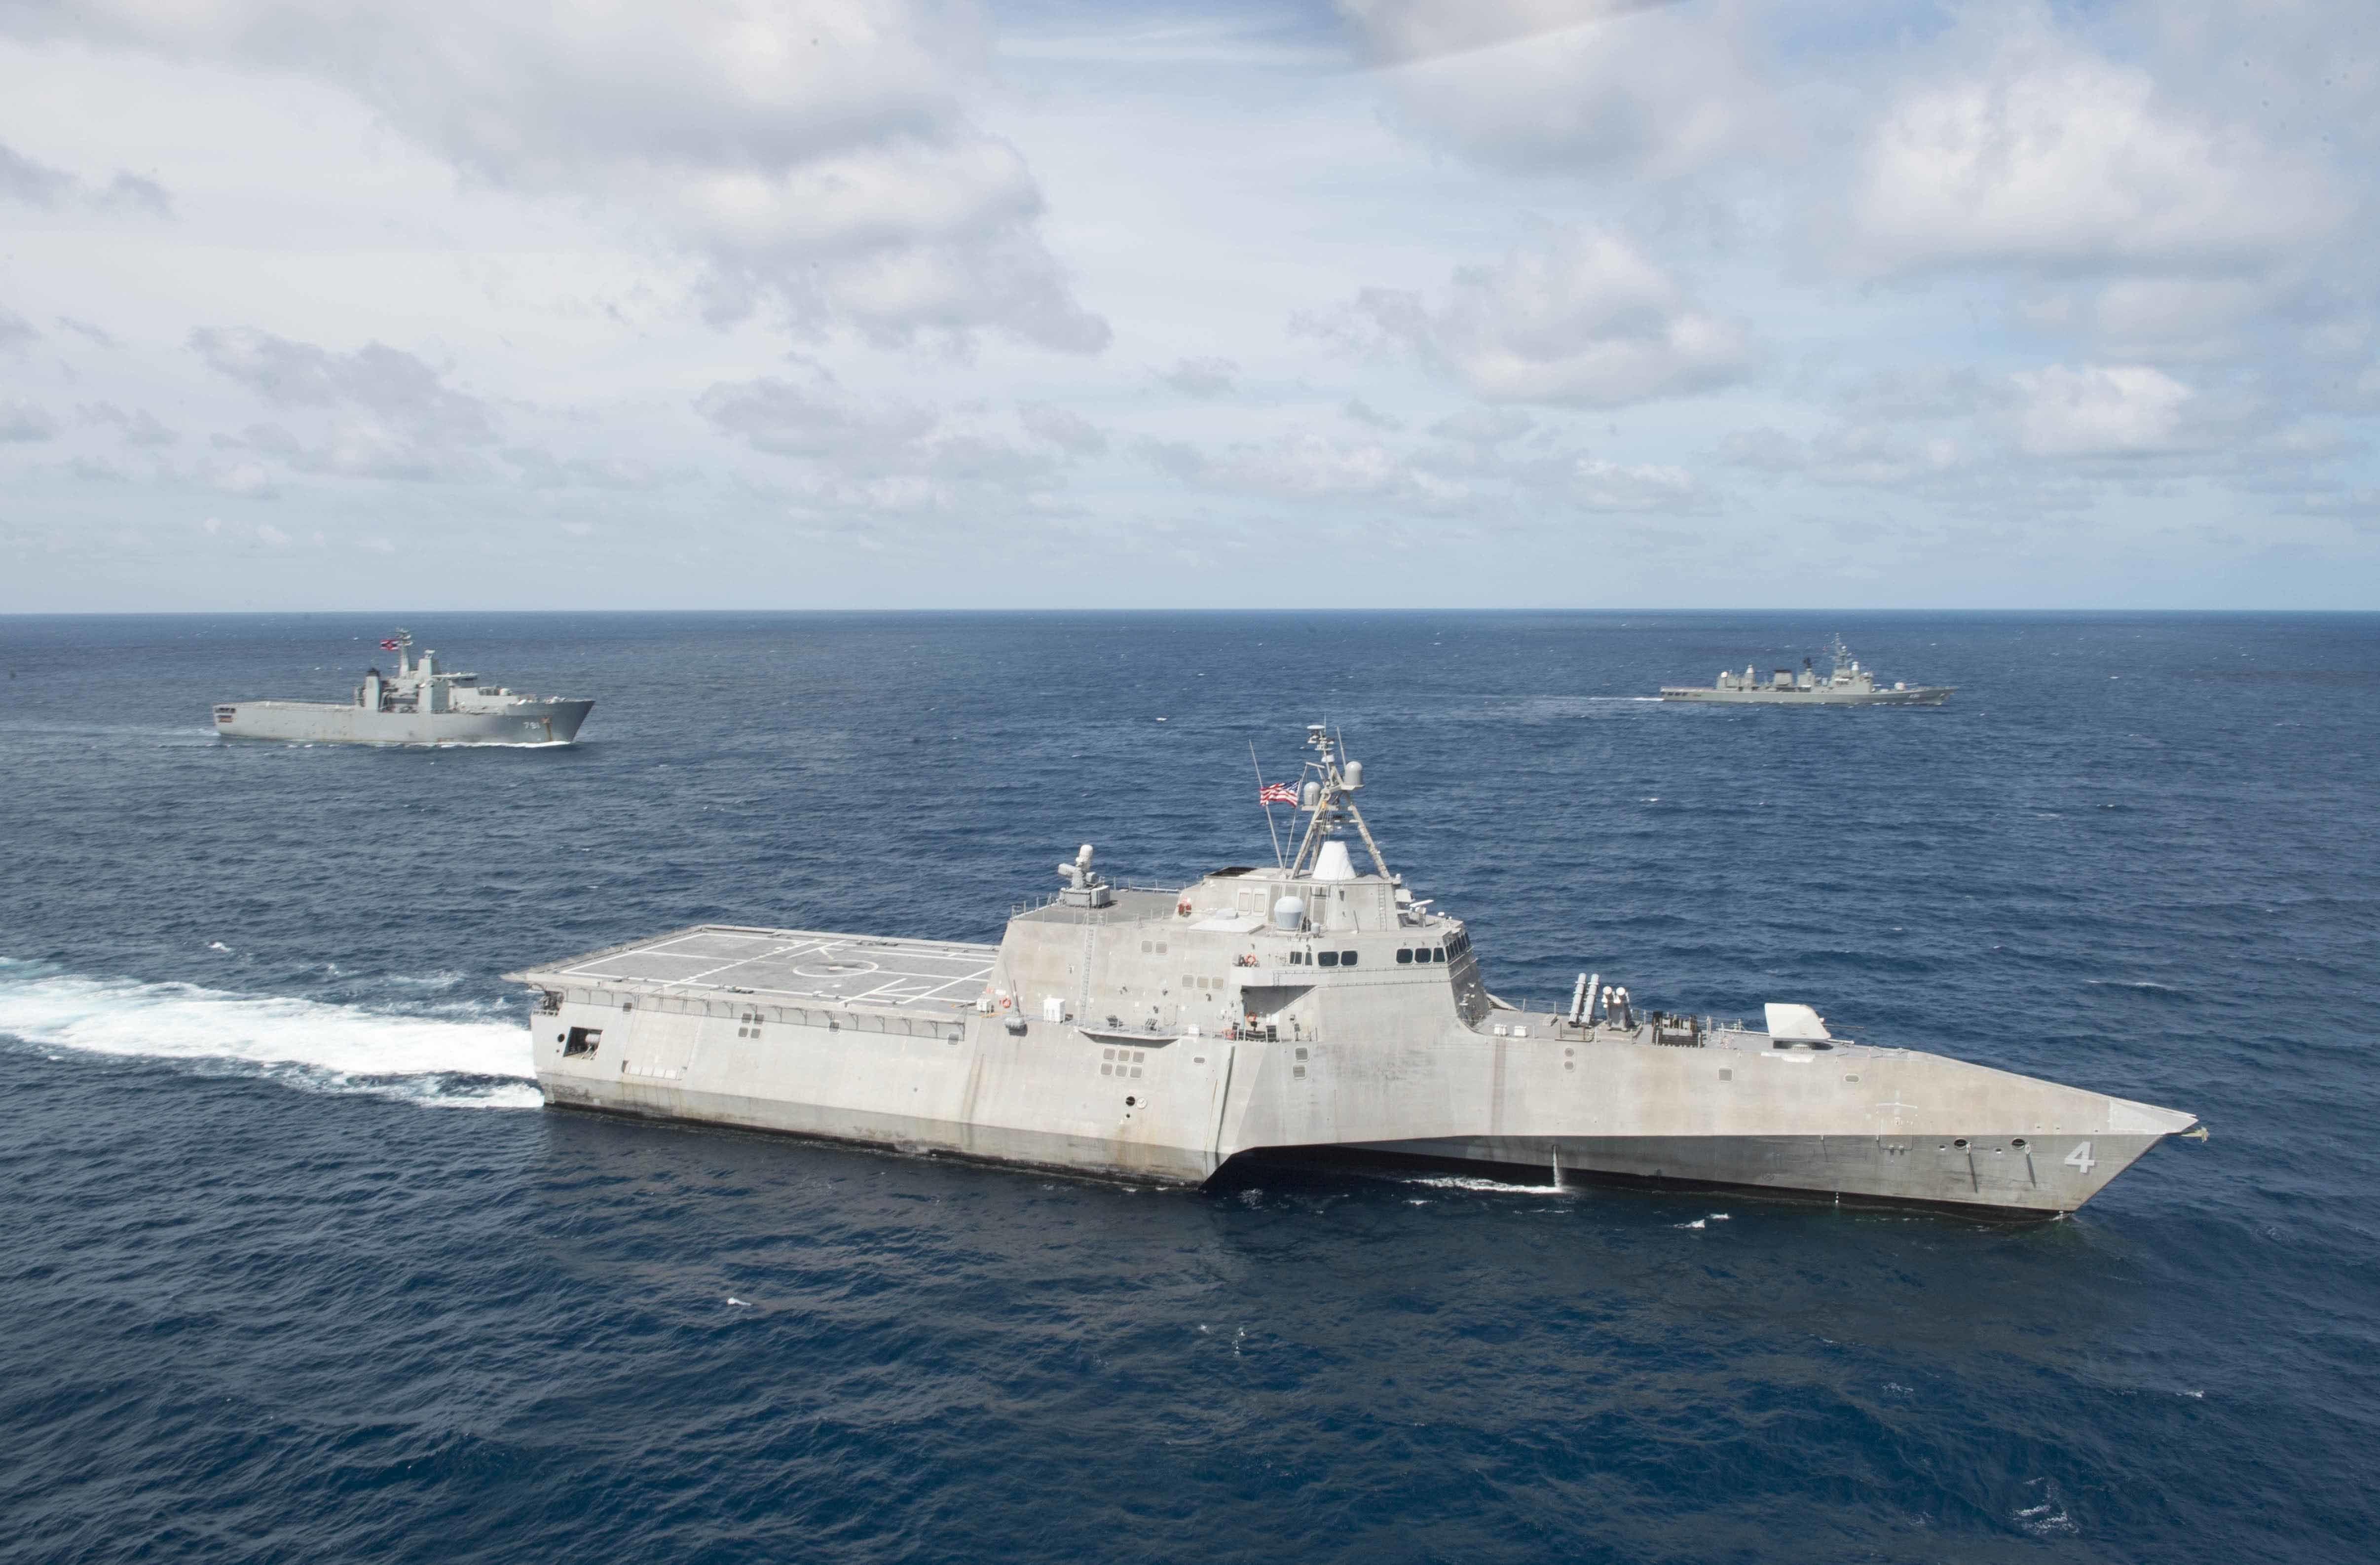 LCS : Littoral Combat Ship - Page 4 35108718314_69b58e4110_o